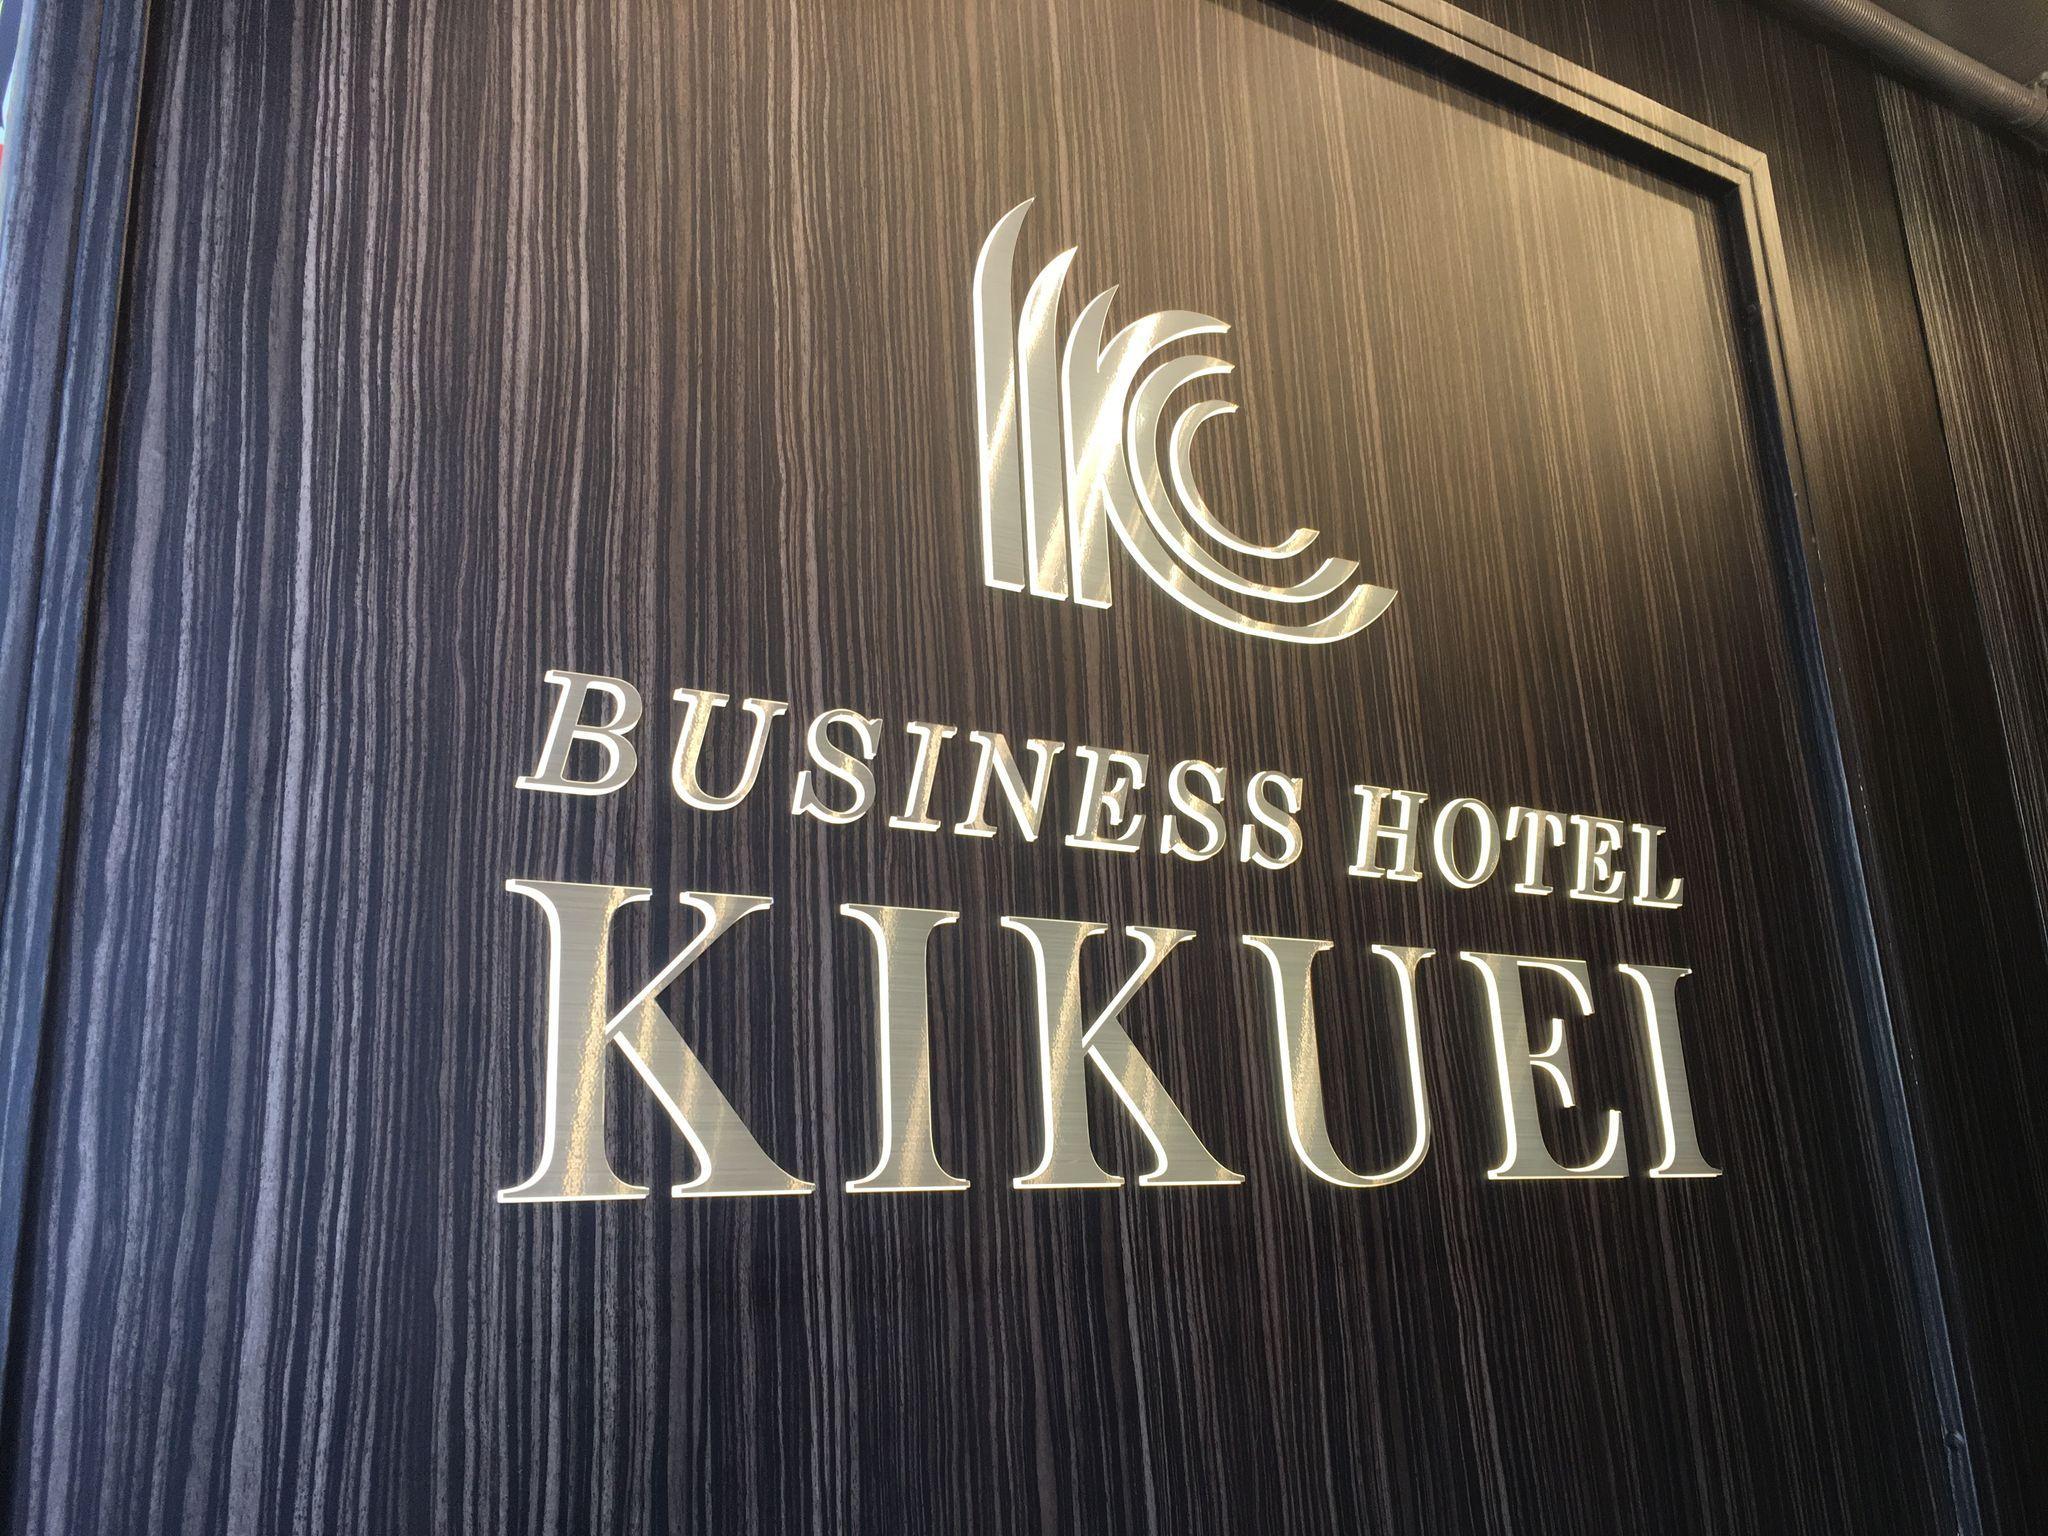 โรงแรมคิกุเออิ